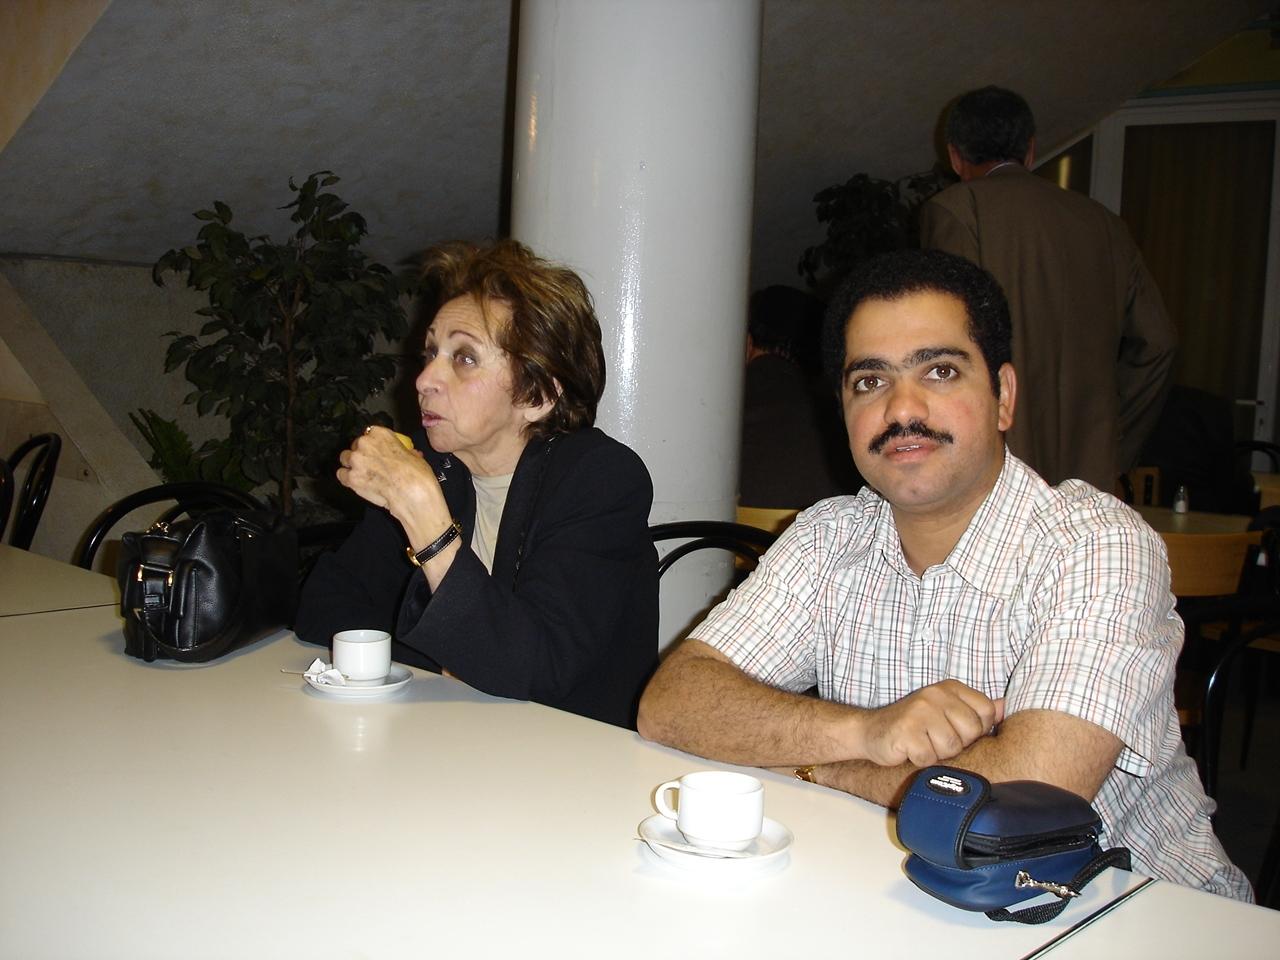 أحمد الغانم عضو لجنة الإنتاج  و د.رتيبة الحفني رئيسة المجمع في المؤتمر 18 ، بالكسليك ،لبنان